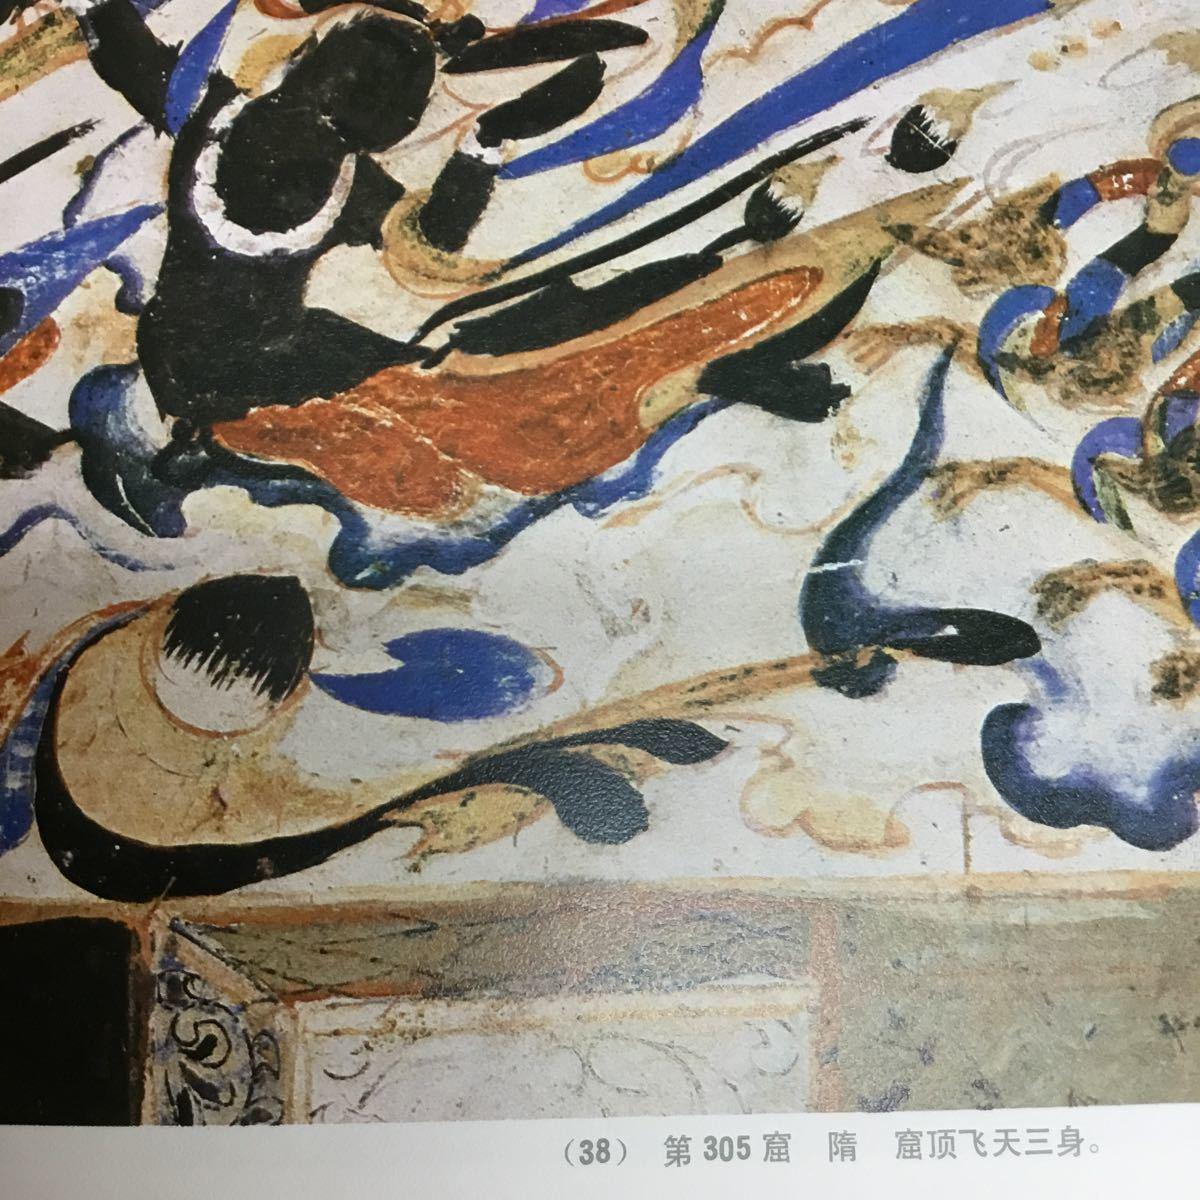 きー25★敦煌の飛天 中国語・中国旅遊出版社 1980年発行 日本文説明綴り・写真目録 箱付き_画像6